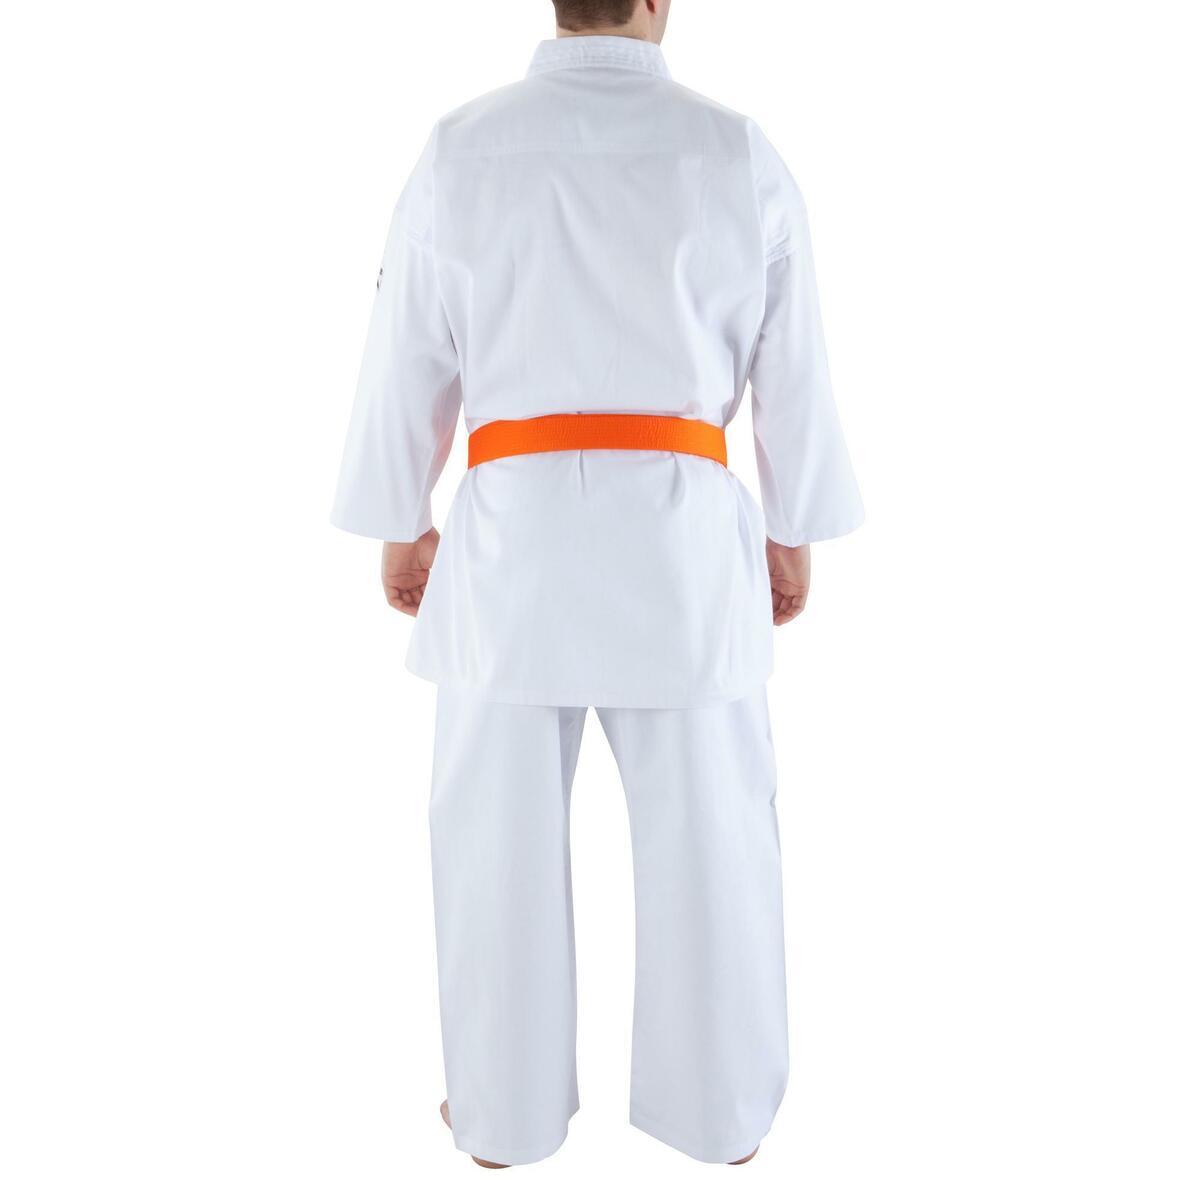 Bild 4 von Karateanzug Erwachsene 250